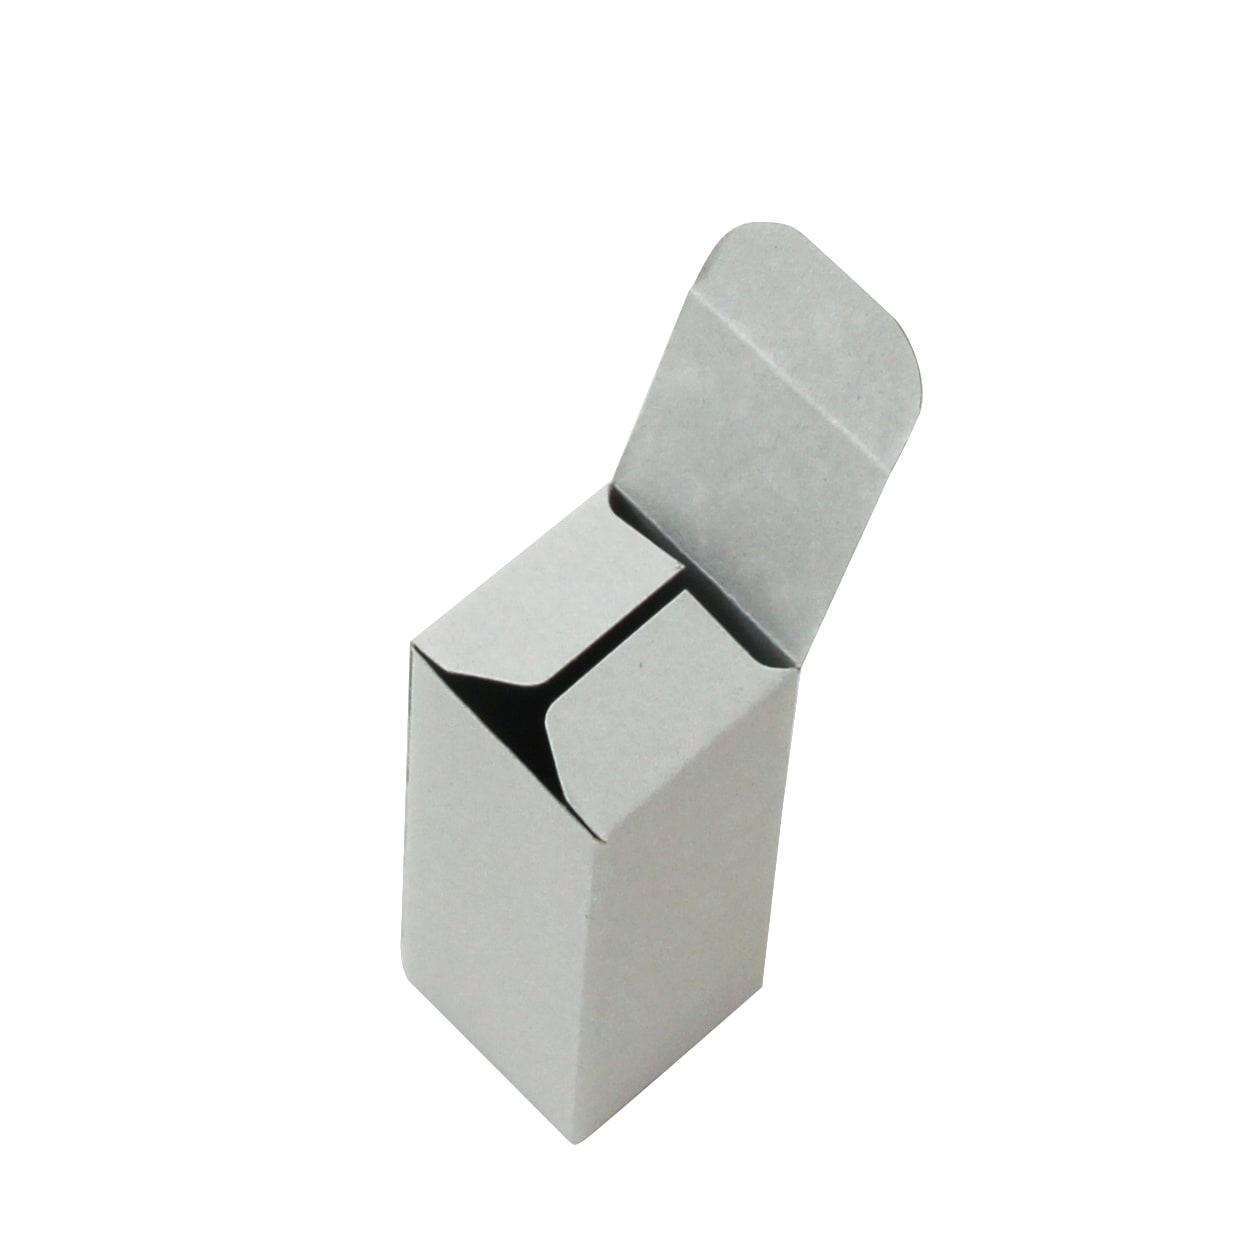 キャラメル箱30×30×75 ボード紙 グレー 270g